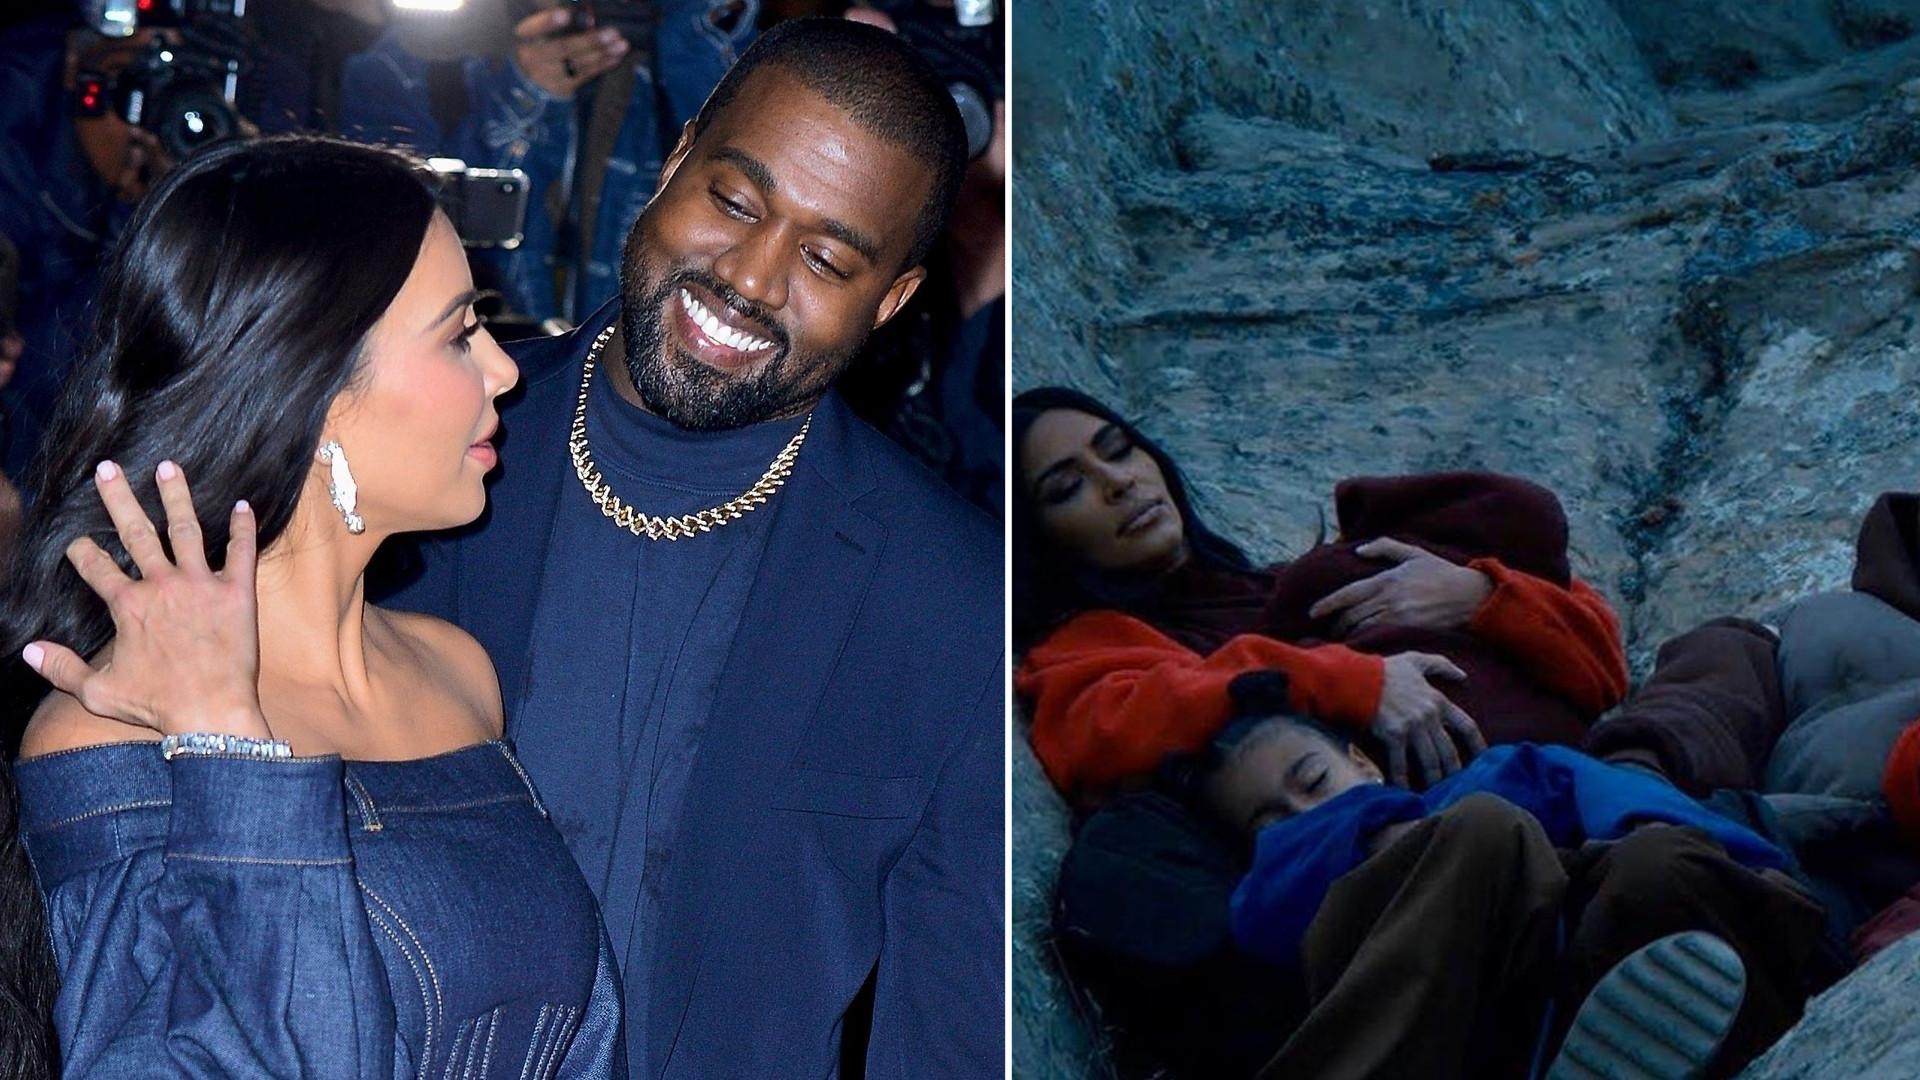 Kanye West w najnowszym teledysku pokazał rodzinę. North skradła całe show!